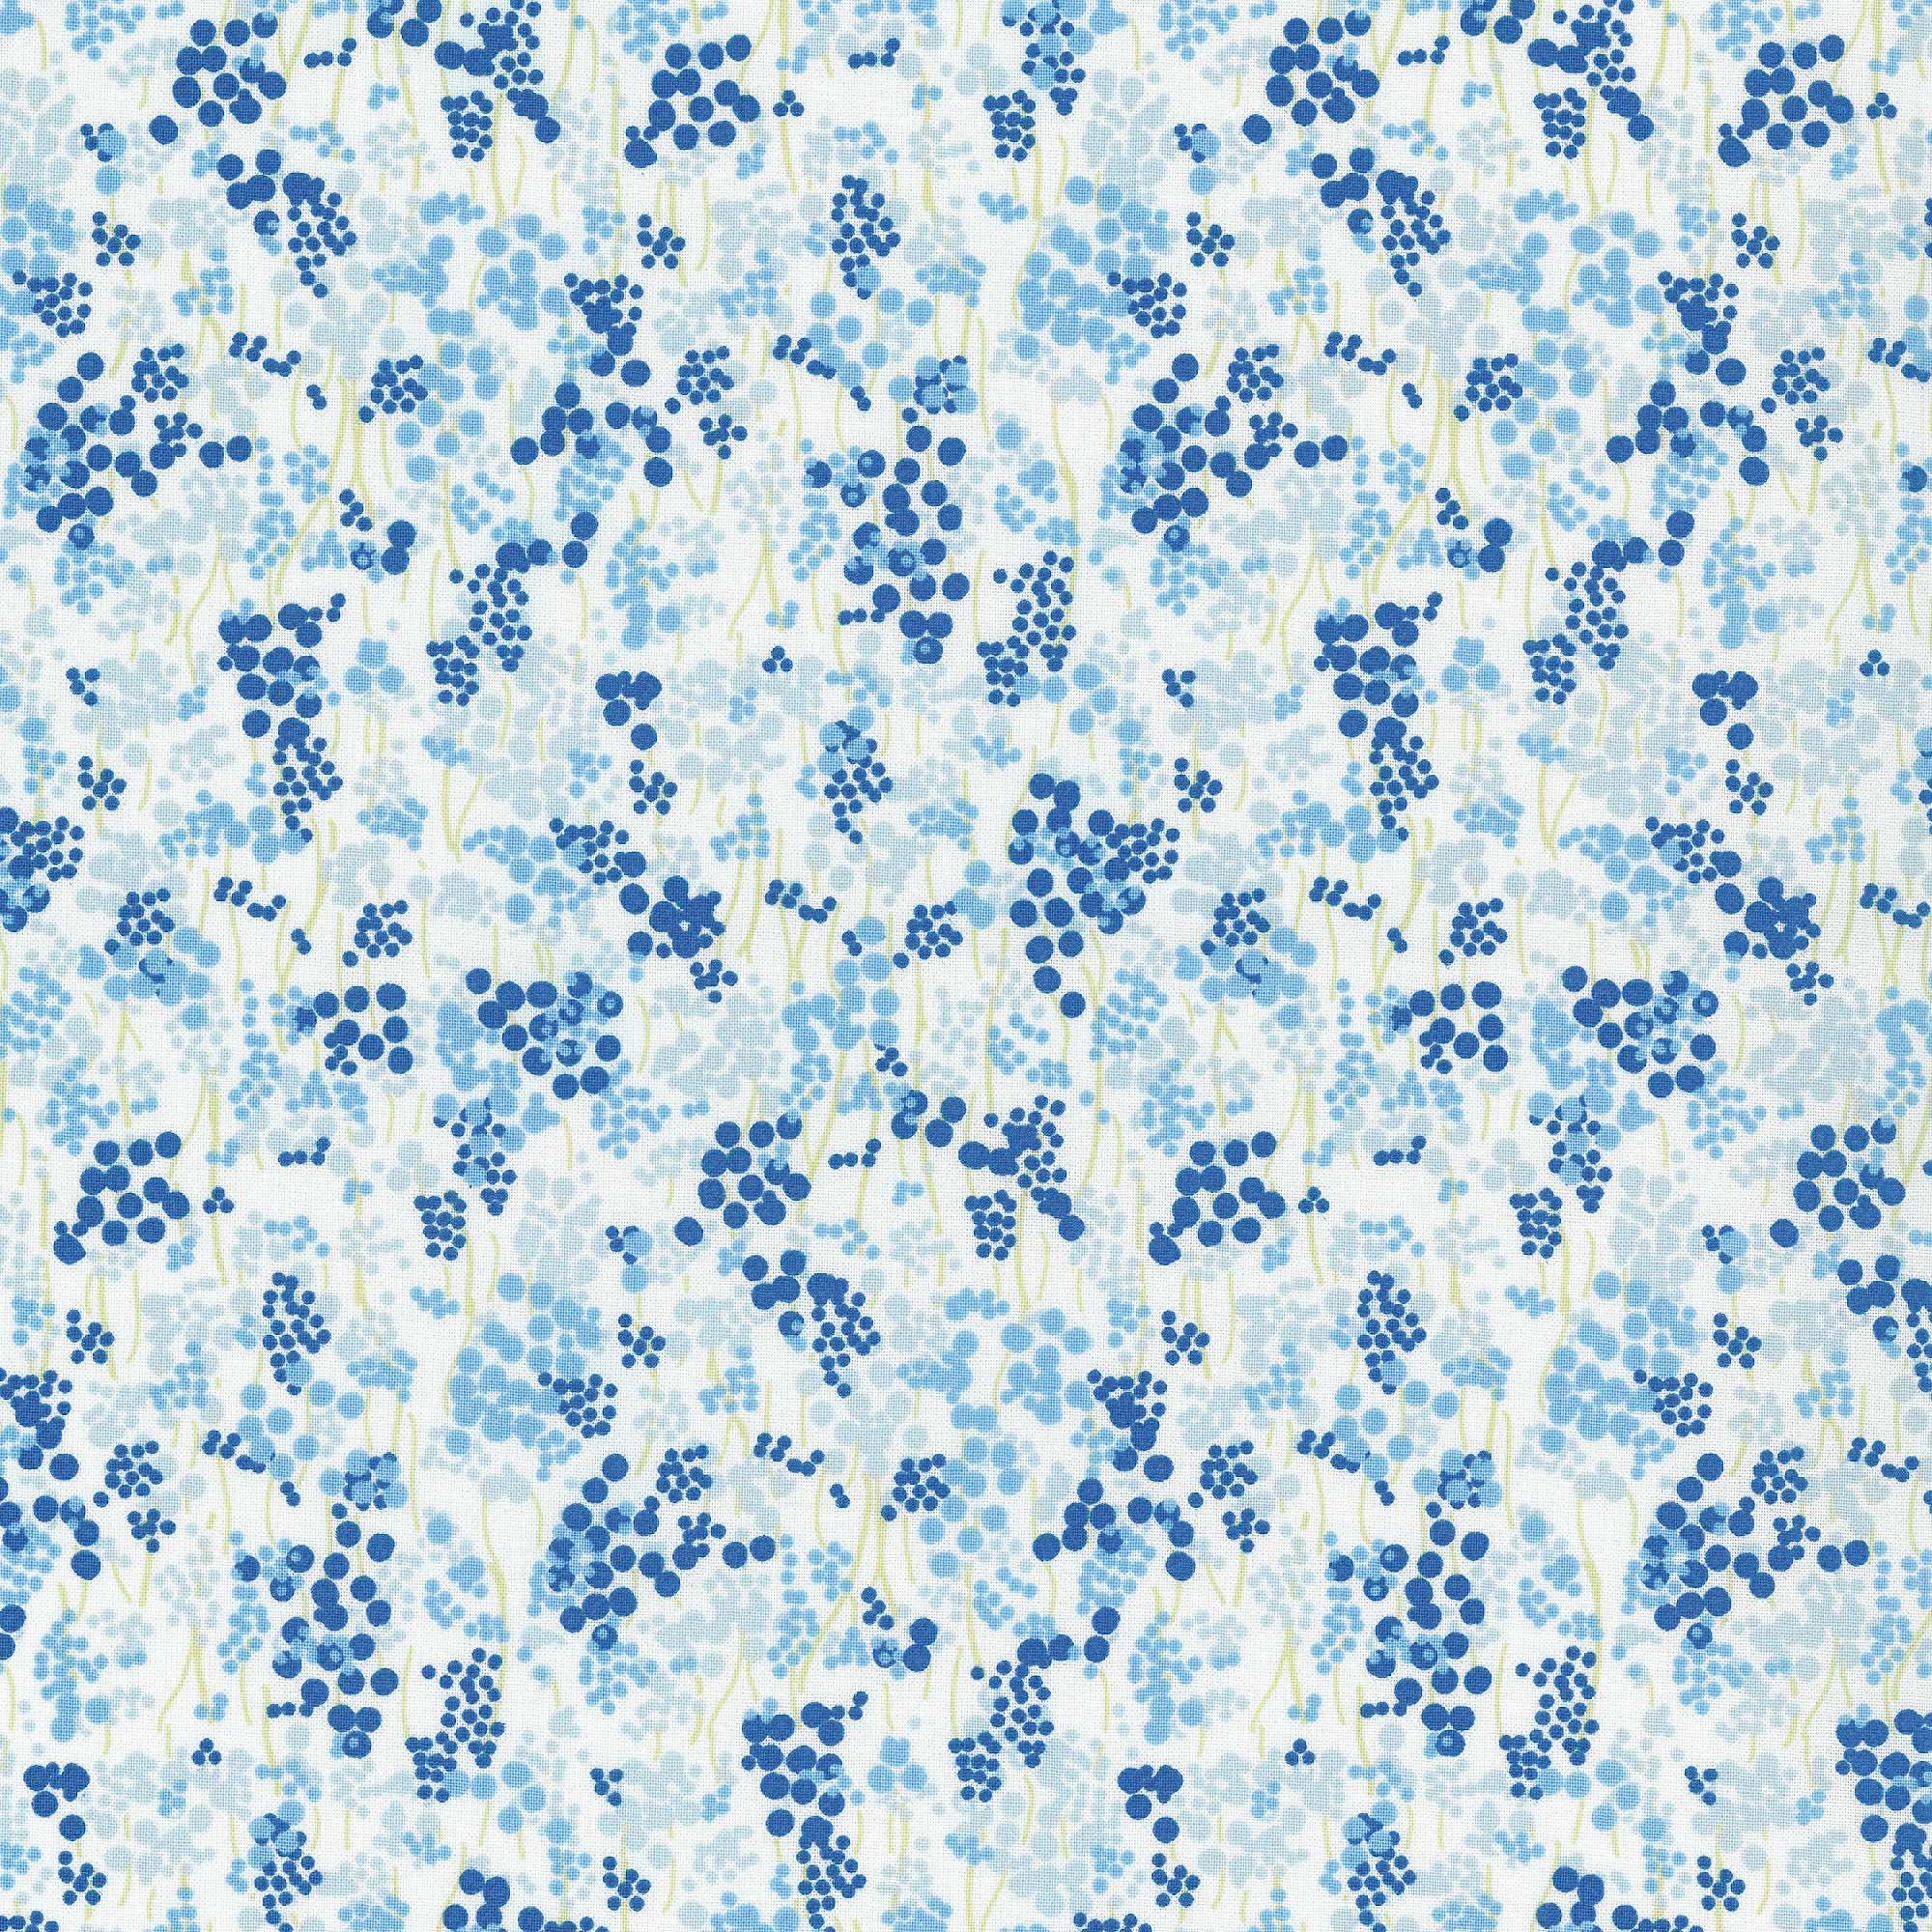 produkt_img/010503021.jpg